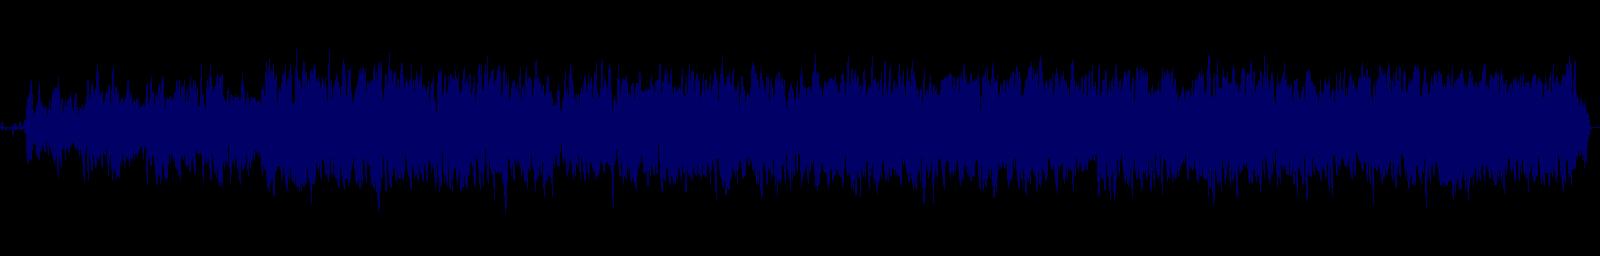 waveform of track #159607